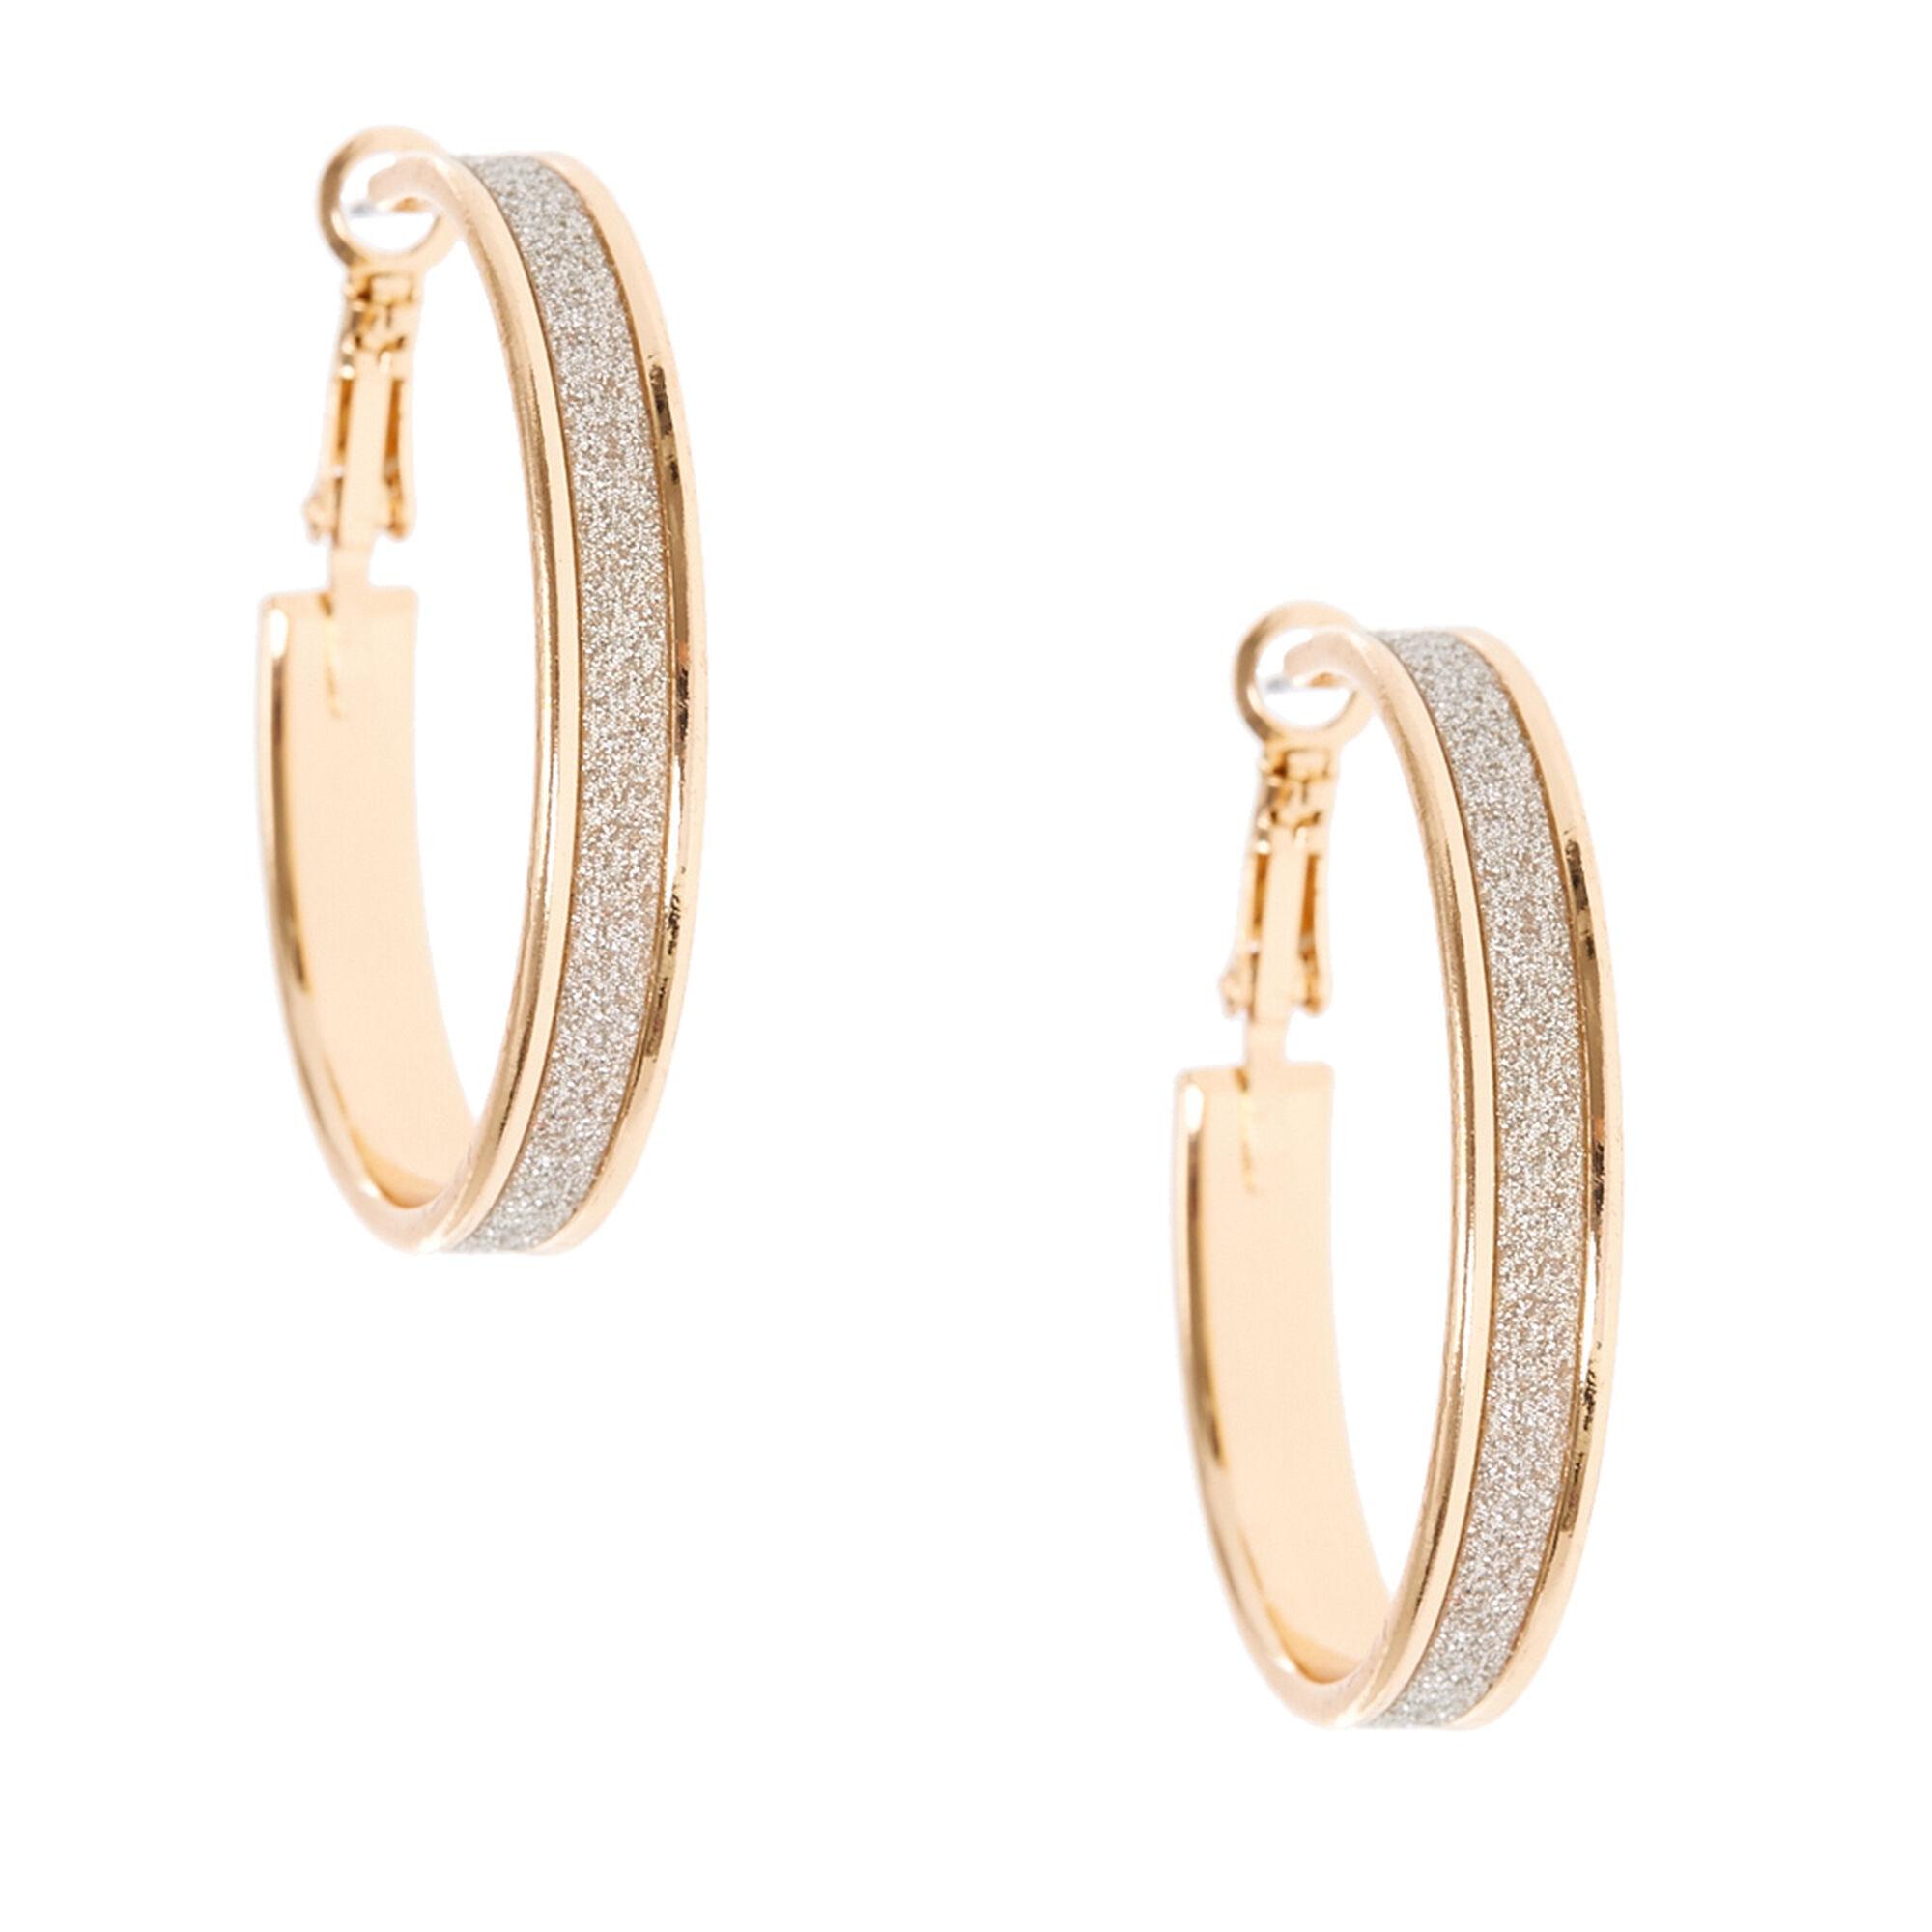 35mm Gold Silver Glitter Lined Hoop Earrings